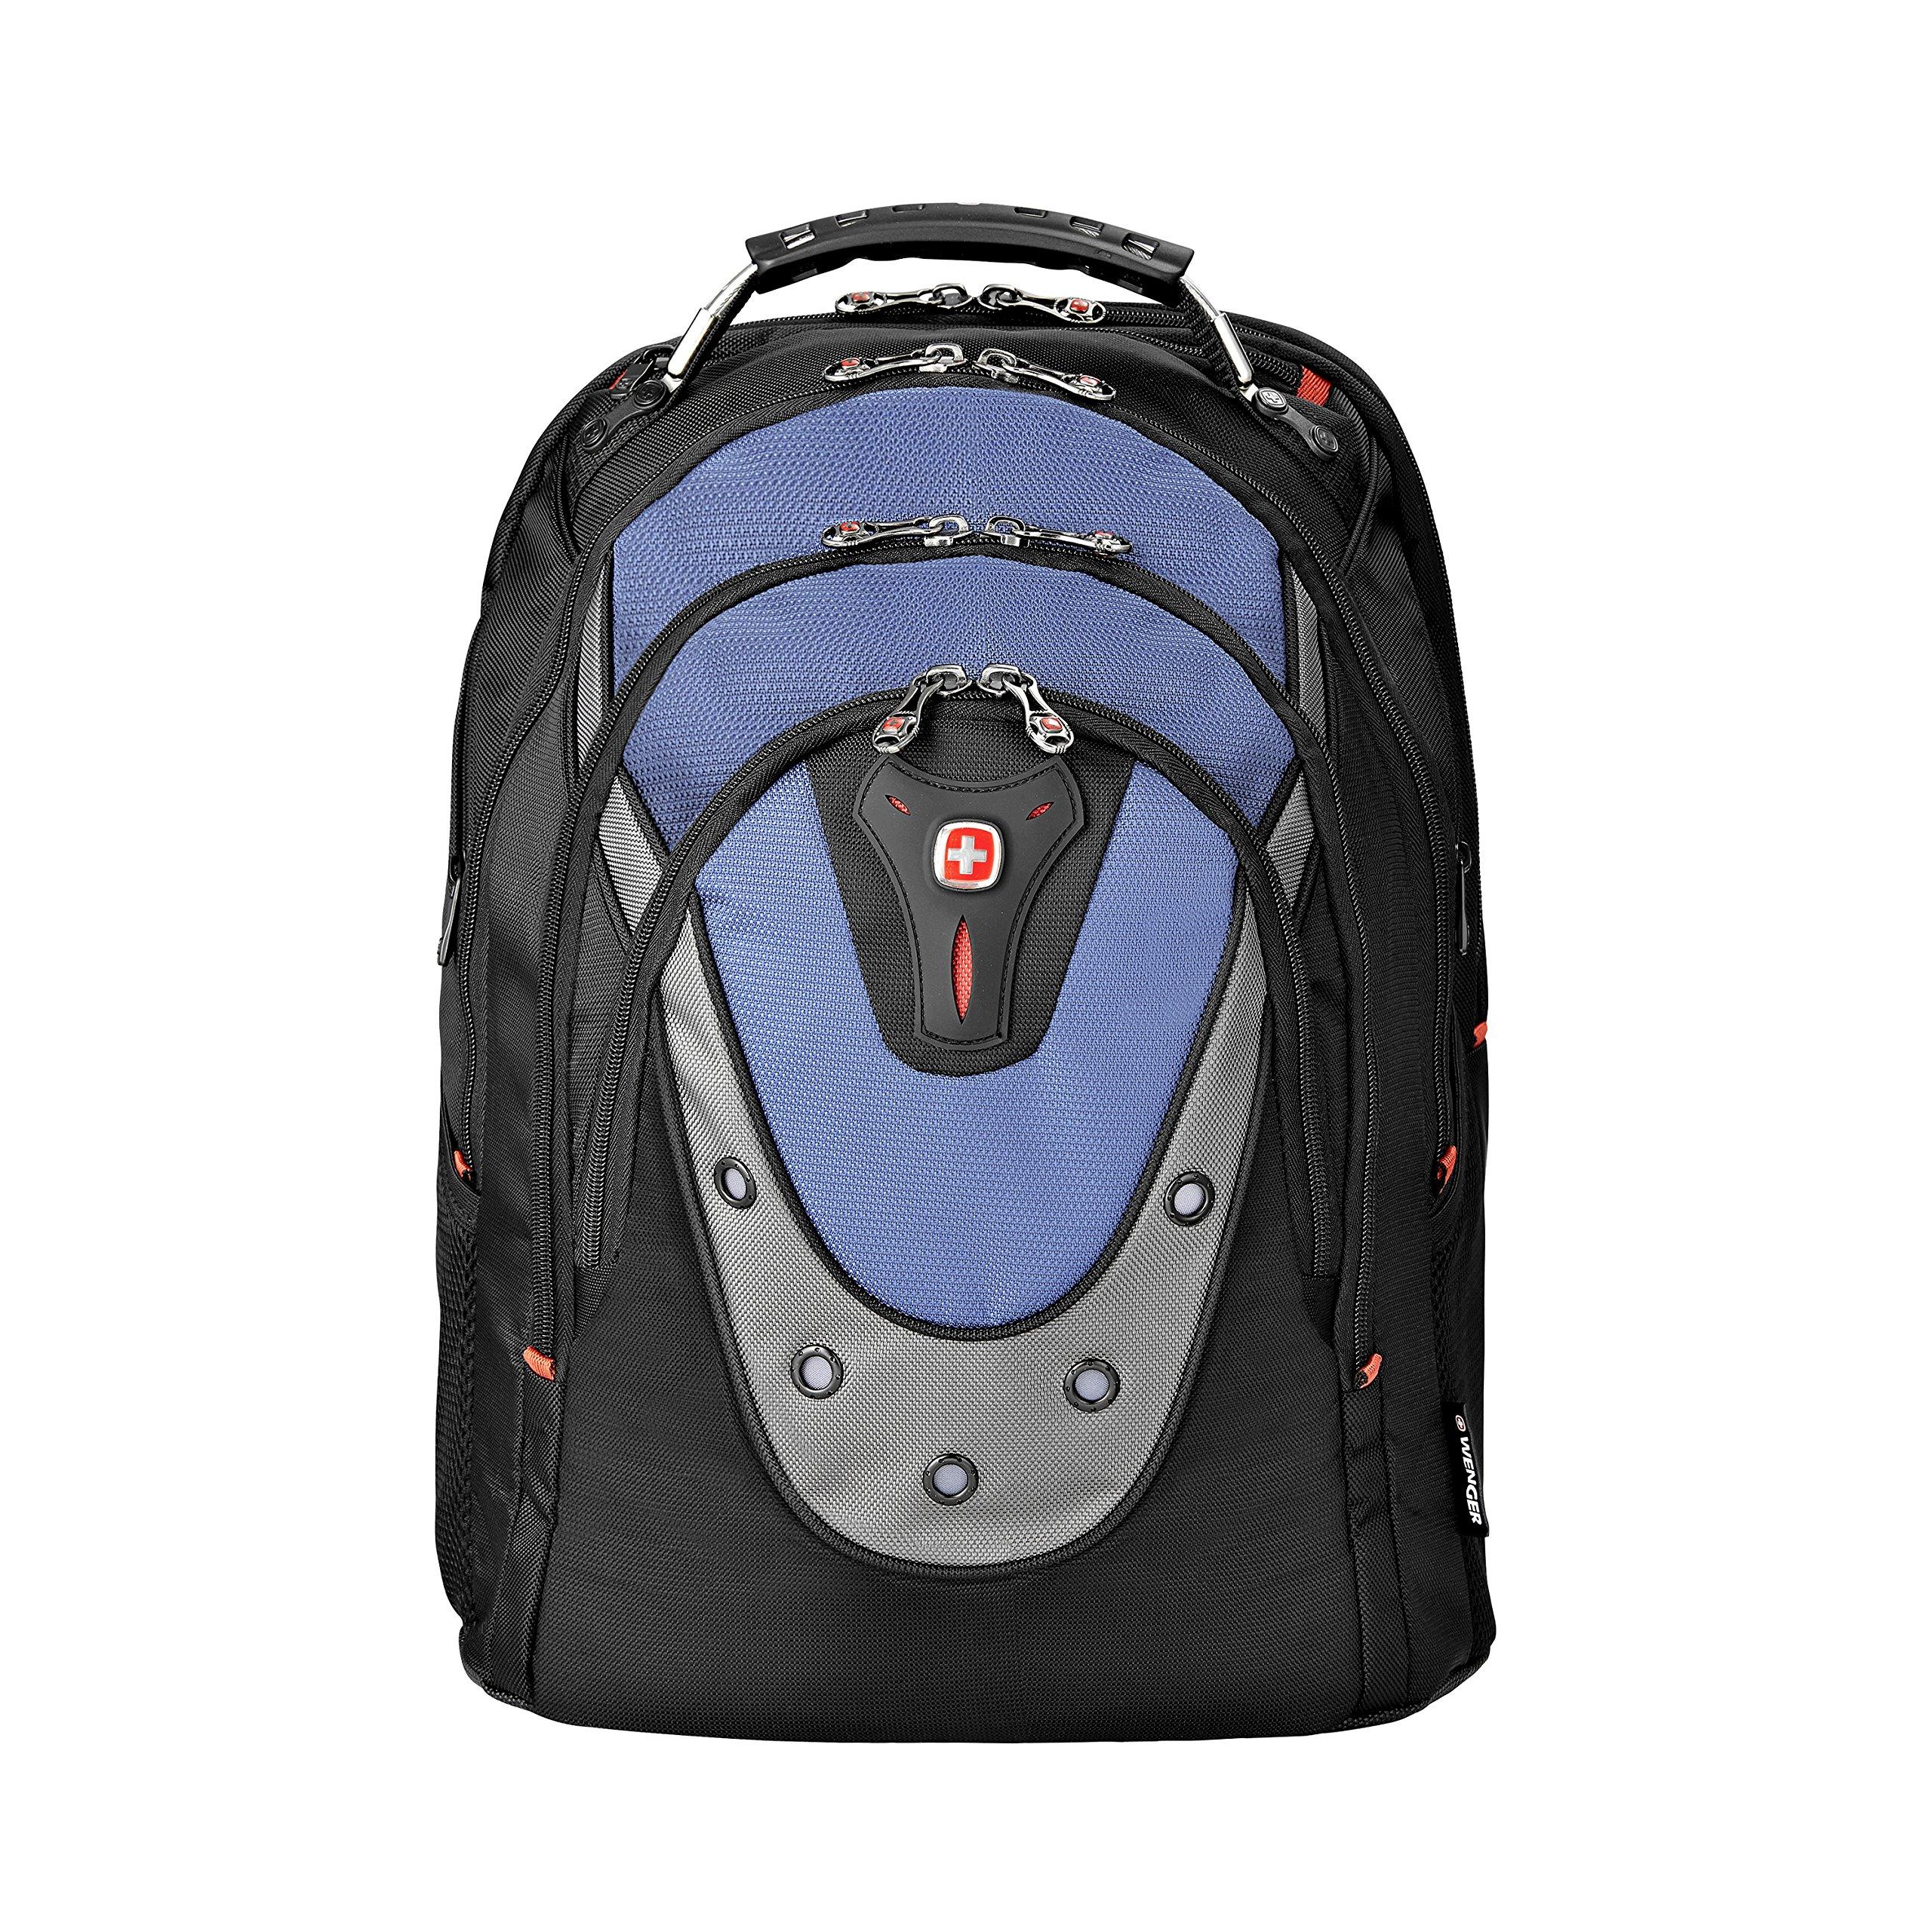 SwissGear Blue Ibex 17'' Computer Backpack, 15''L x 10''W x 19''H